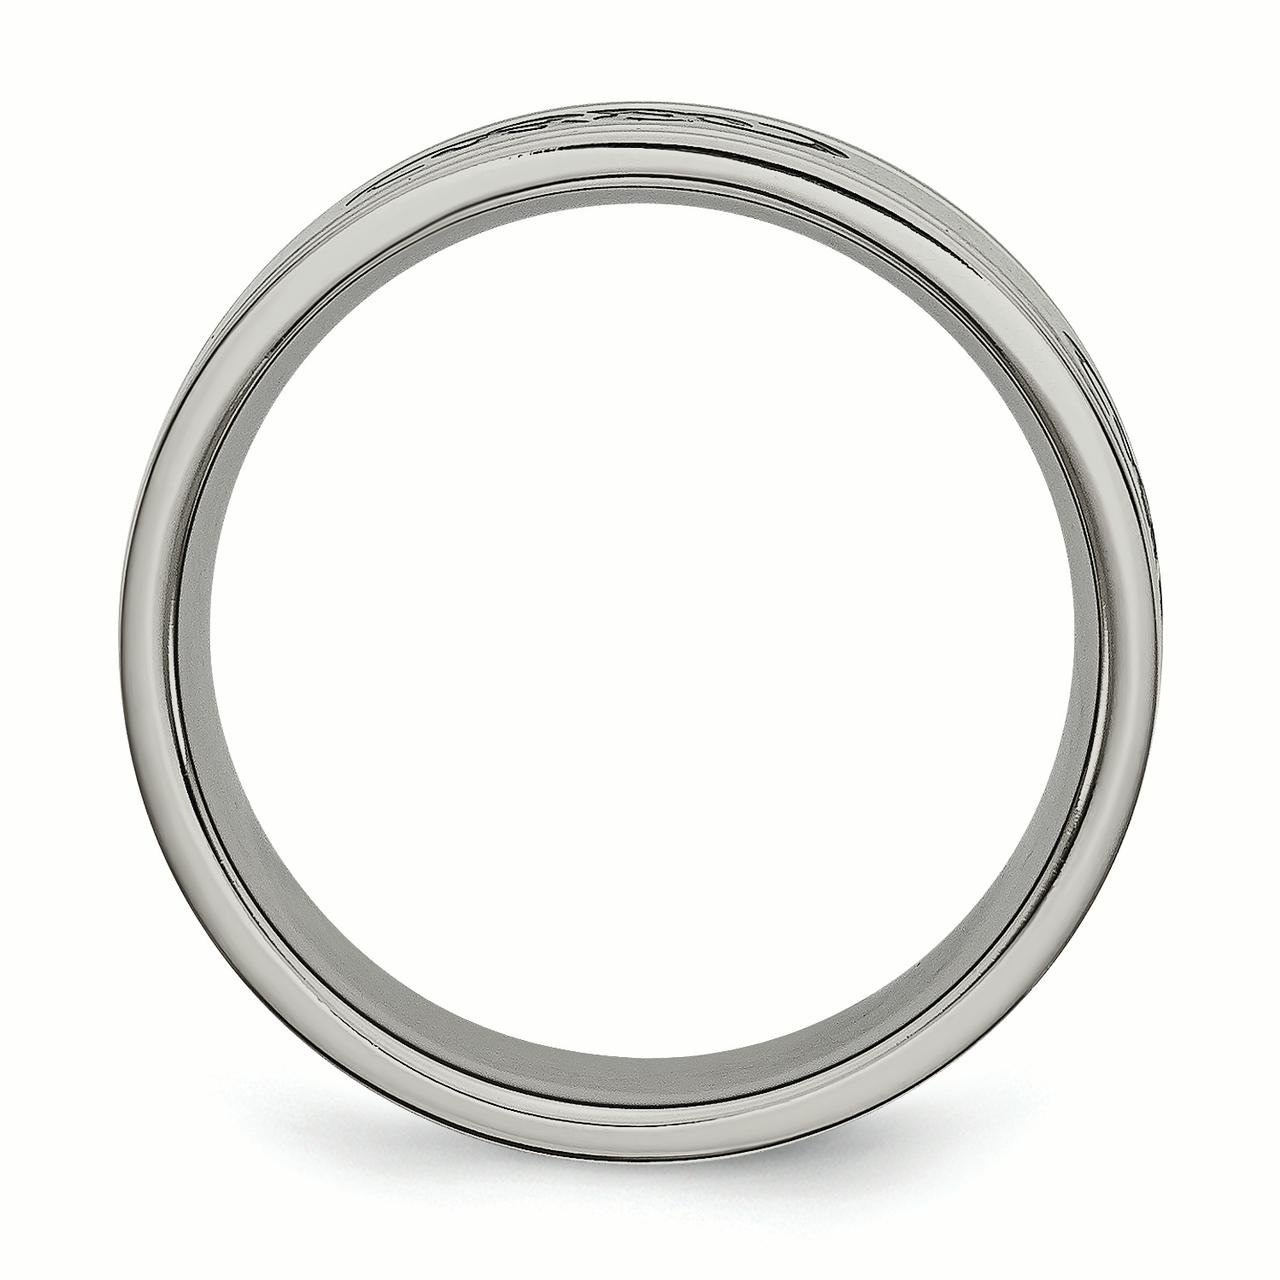 Titanium Black Rubber Ridged Edge 7mm Brushed Wedding Ring Band Size 8.50 Fancy Engagement & Wedding